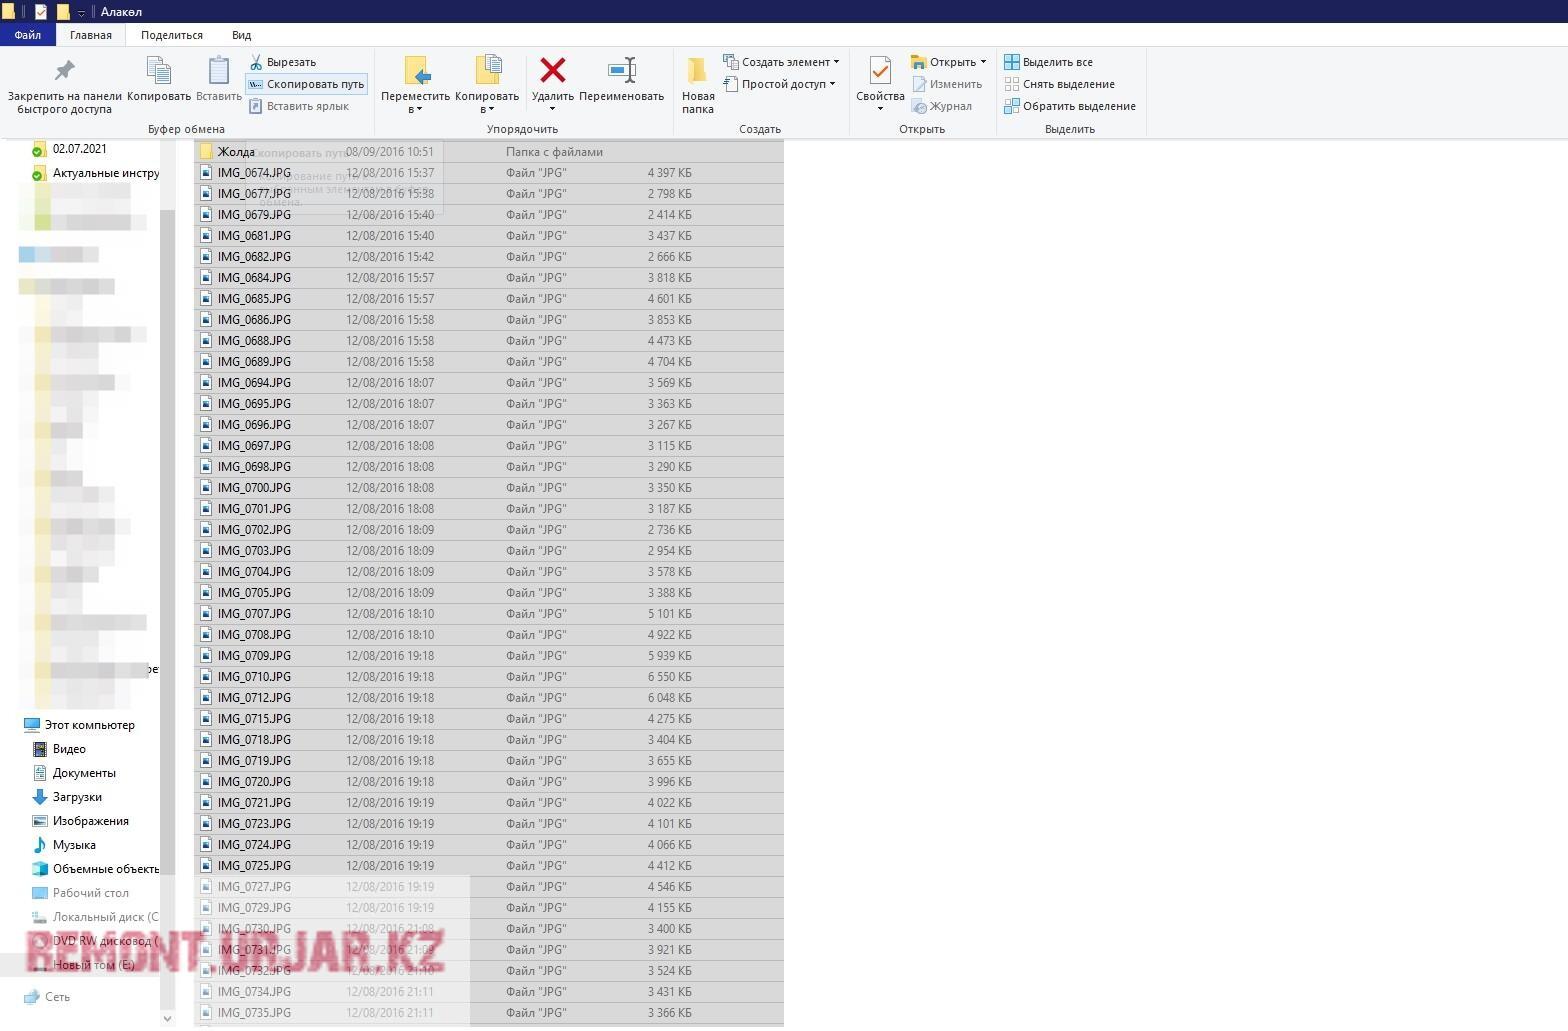 Скопировать пути к файлам и папкам